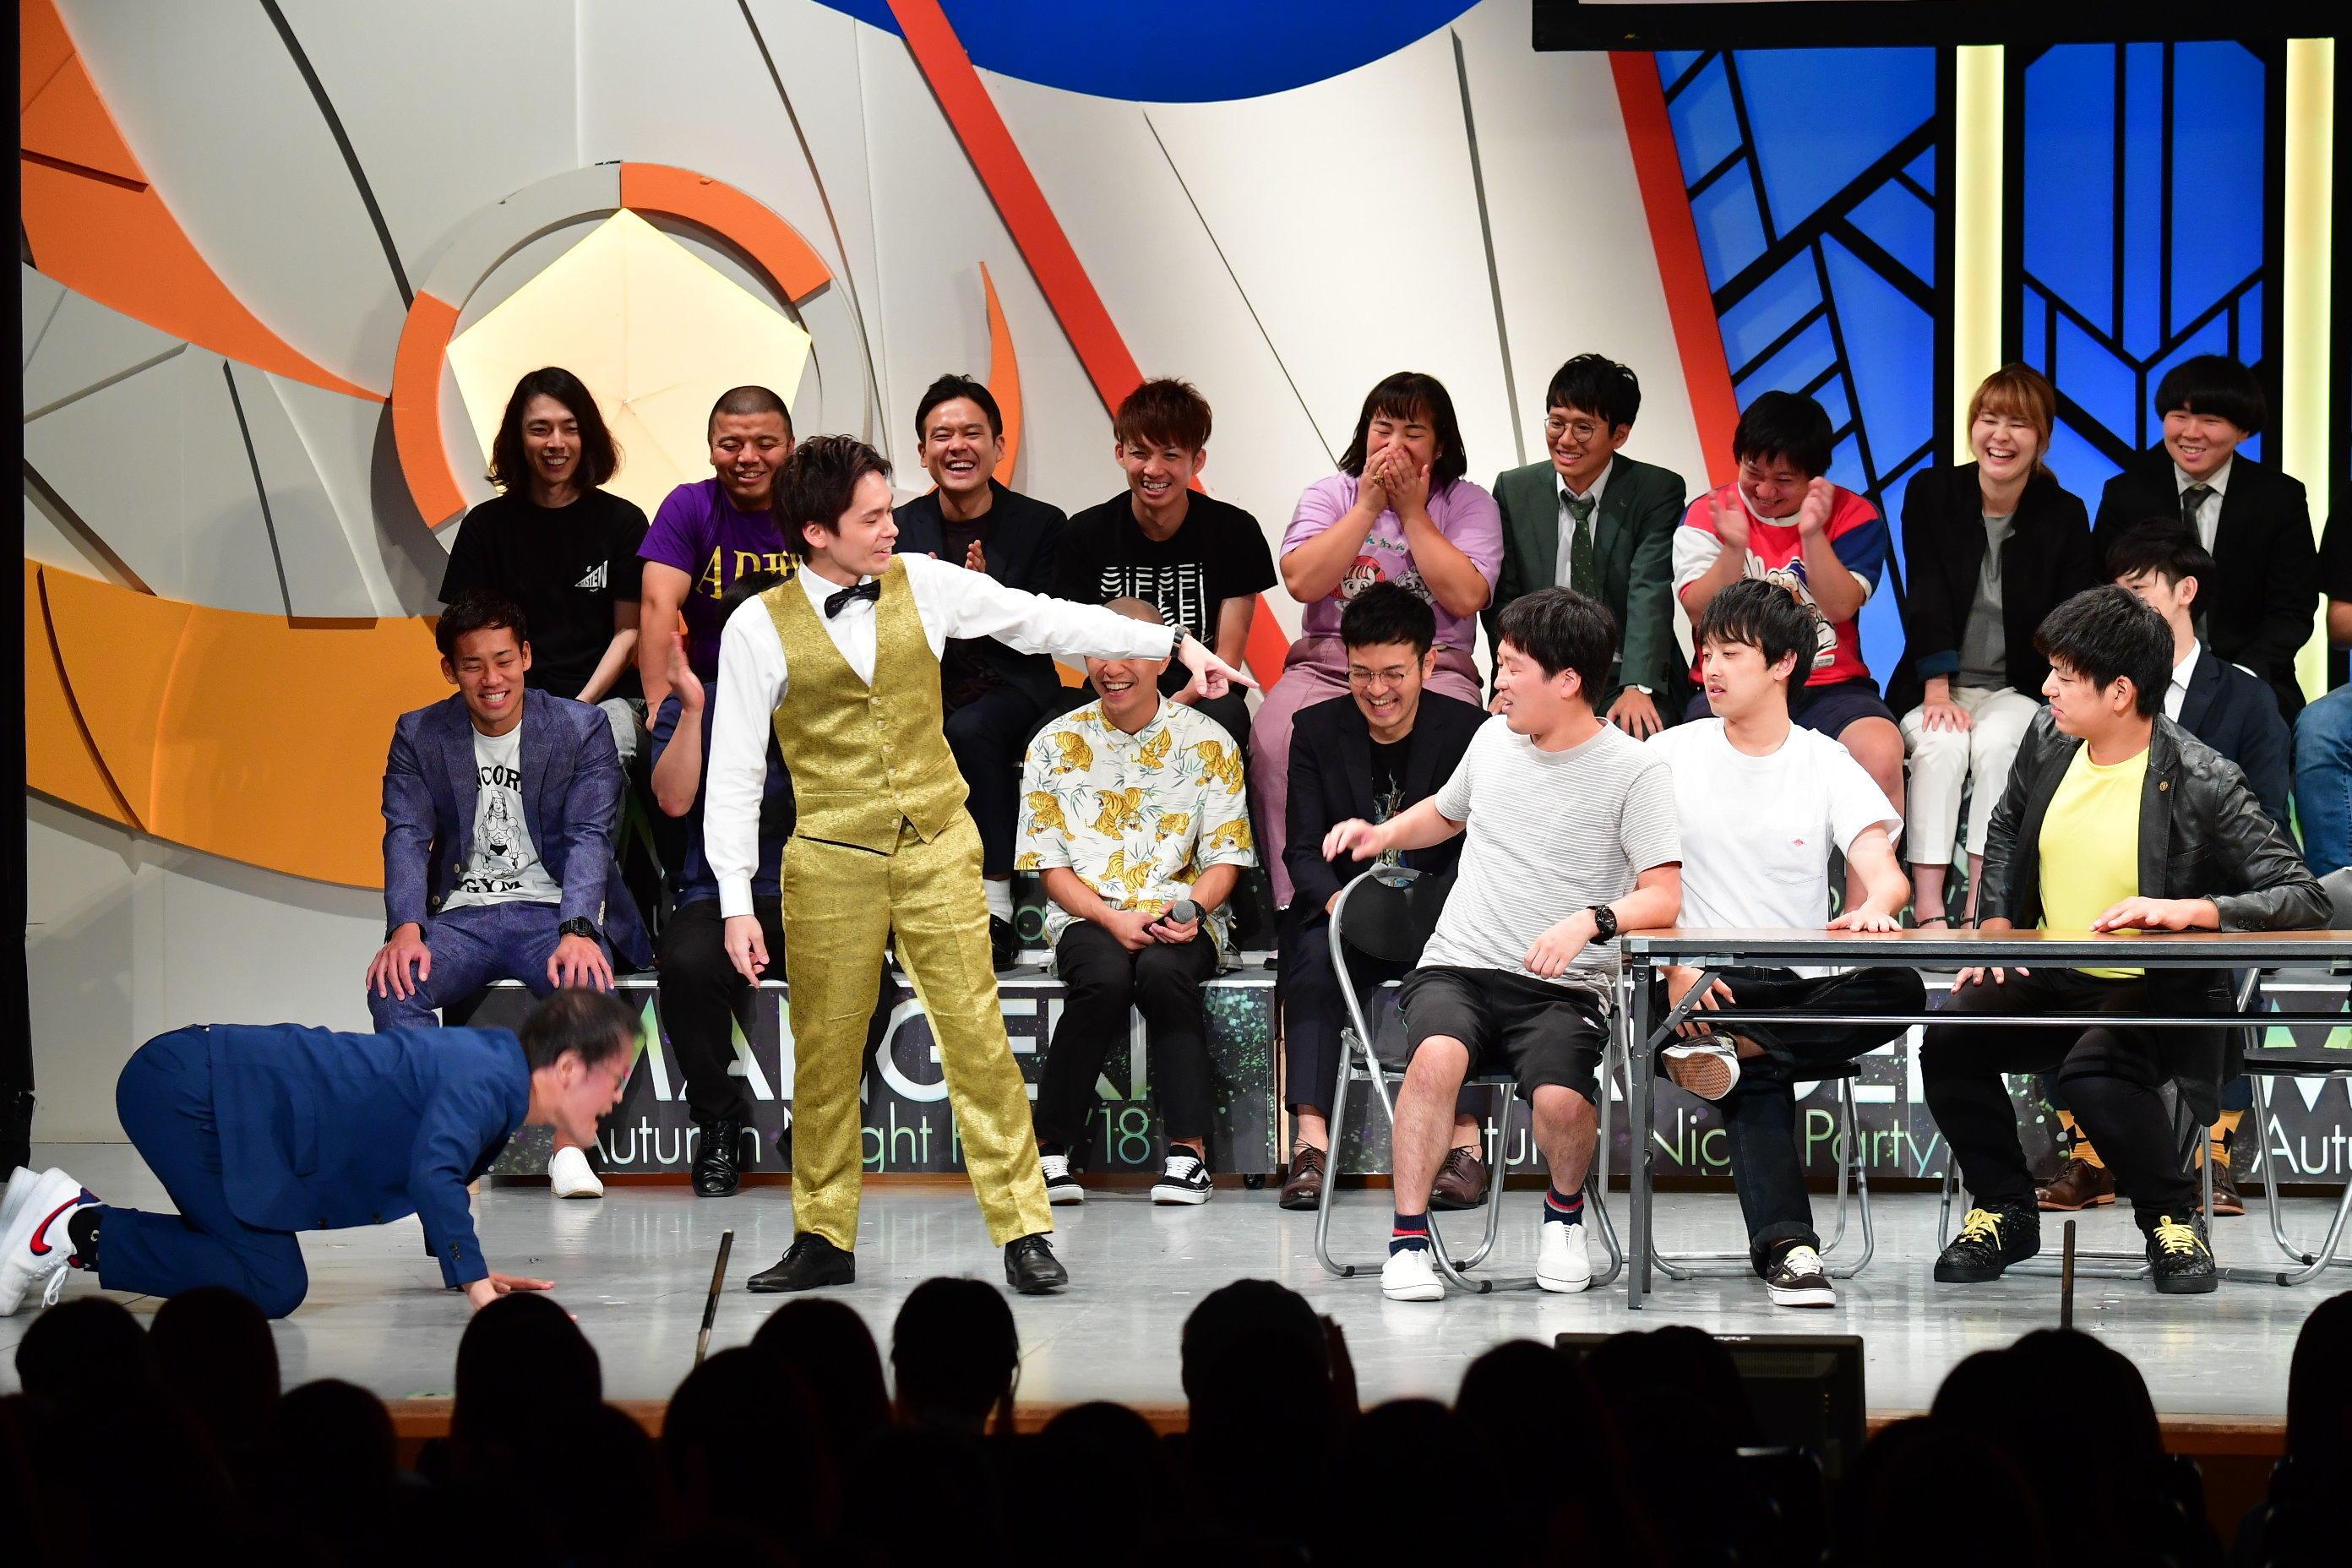 http://news.yoshimoto.co.jp/20180925143021-a1773dae85e901a83e70b69ce4cd2d2d0aac1282.jpg